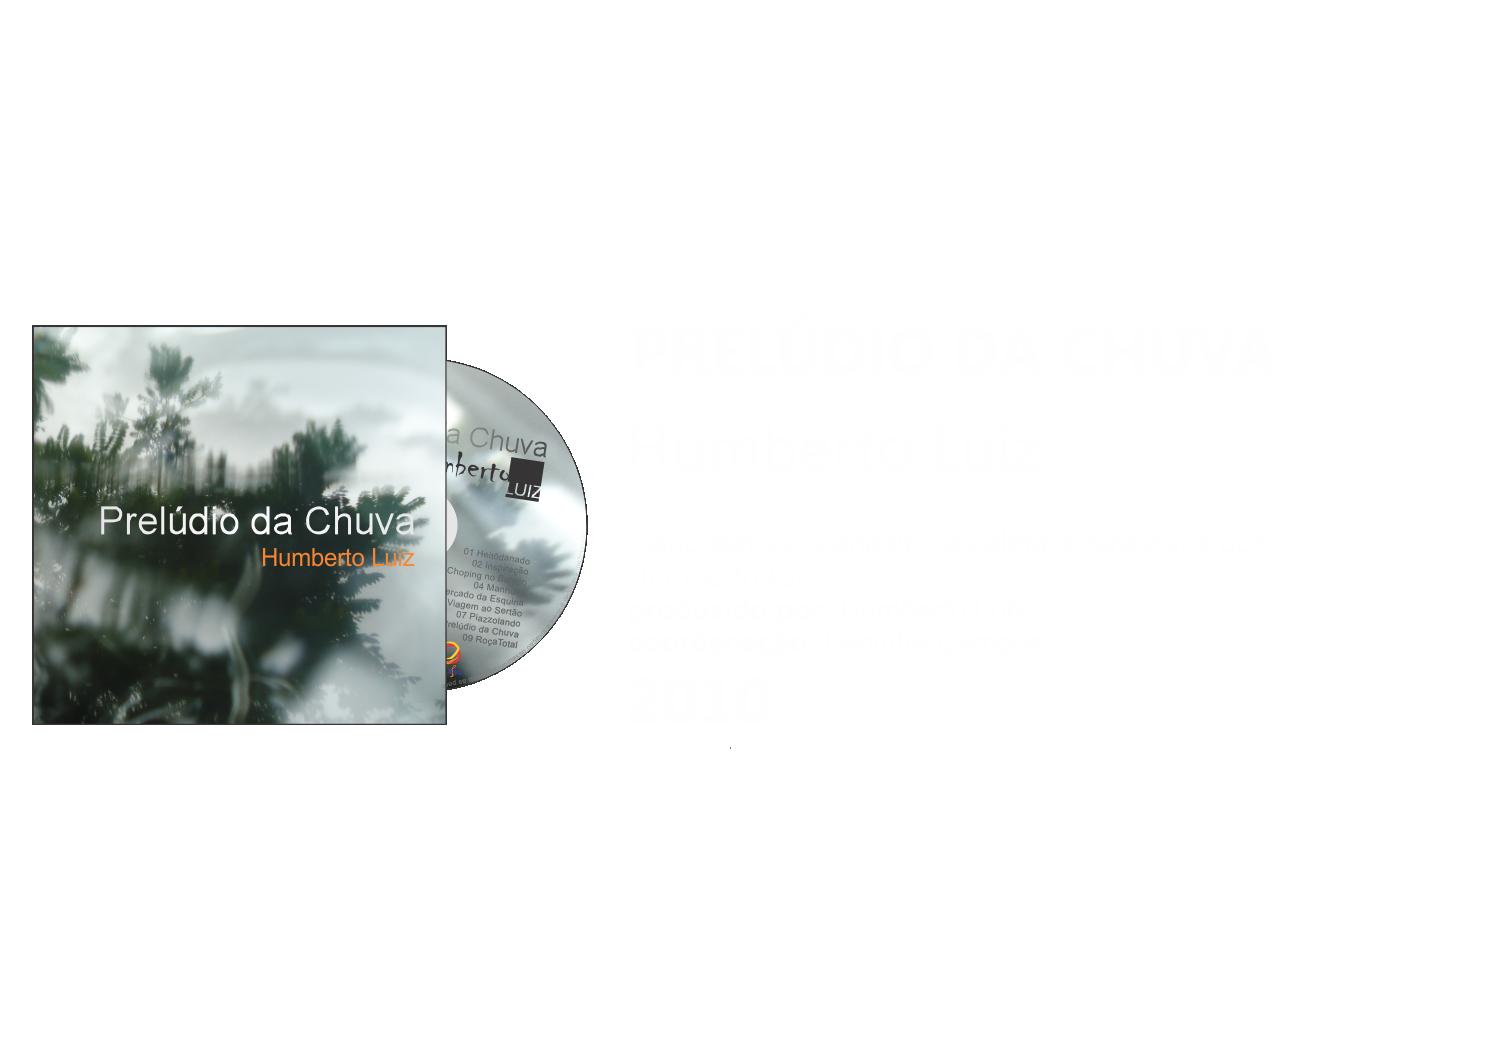 CD - Prelúdio da Chuva